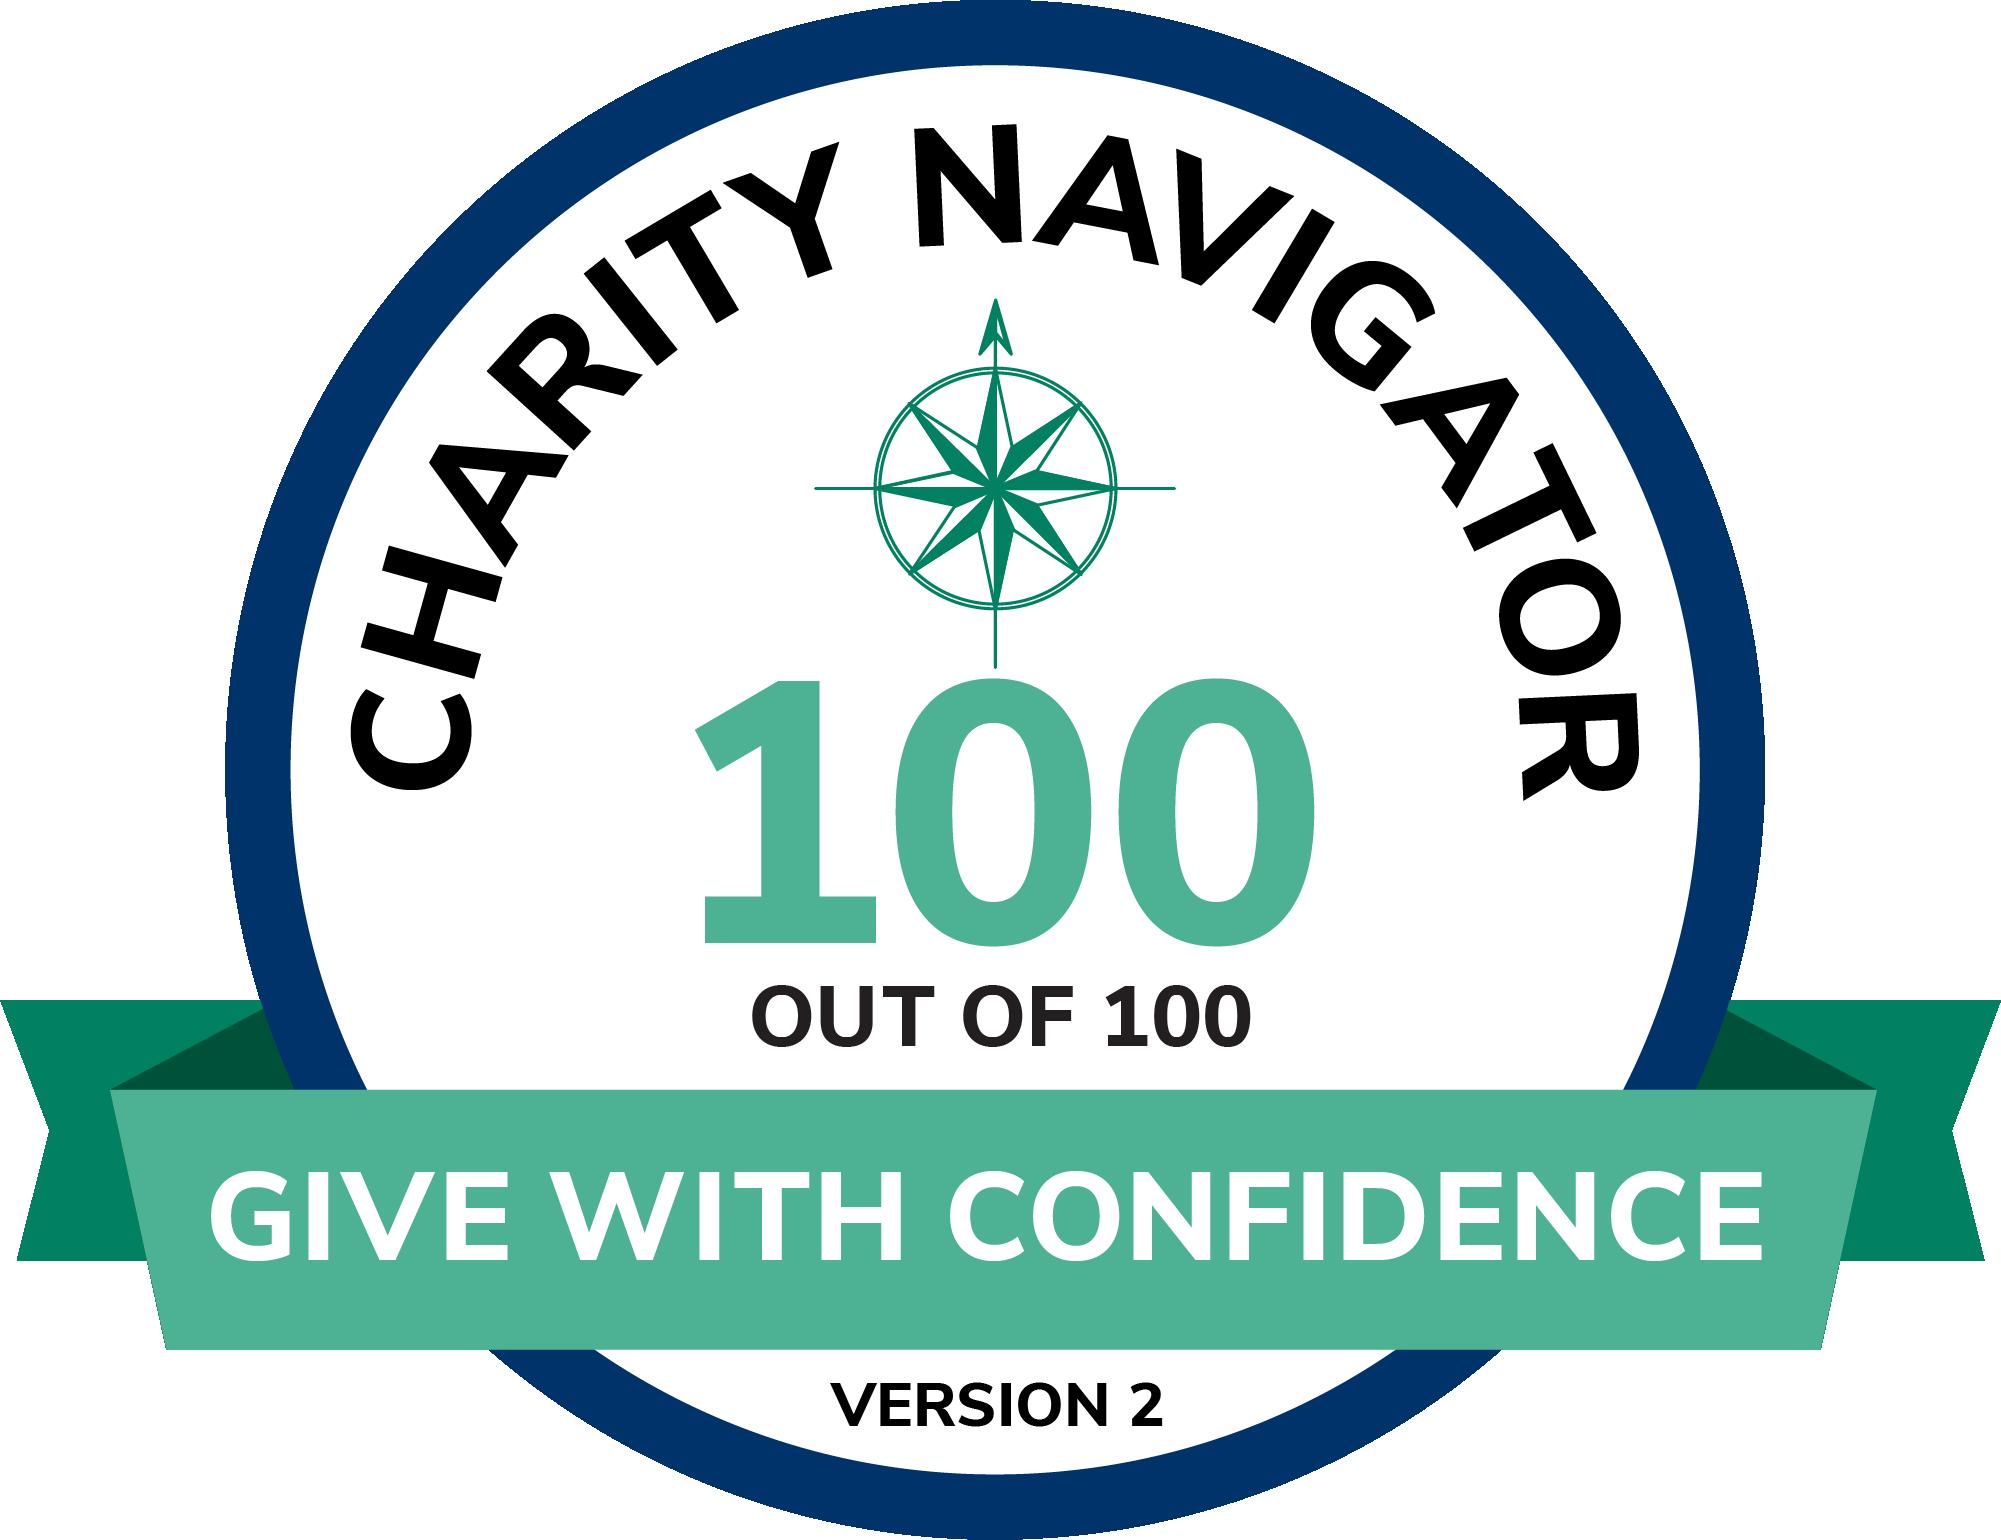 CN_Encompass_100520_Version2_Takeaway_100